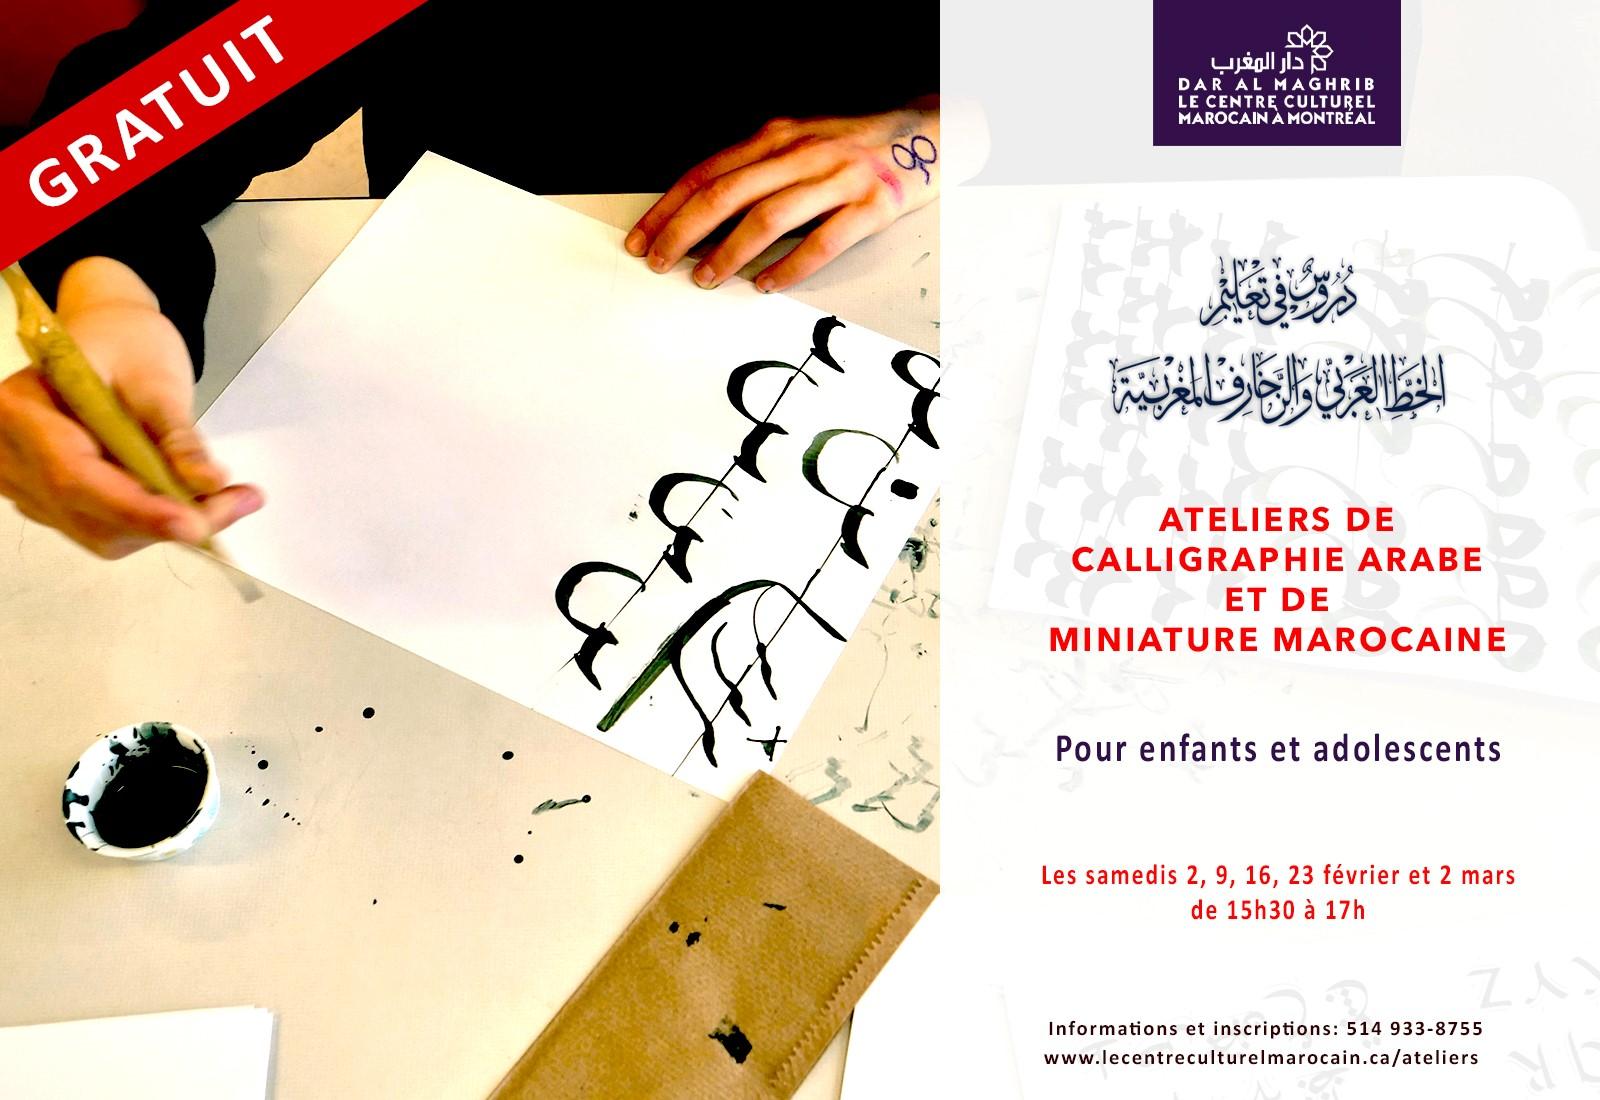 Ateliers de calligraphie arabe et miniature marocaine pour enfants et adolescents Automne 2018